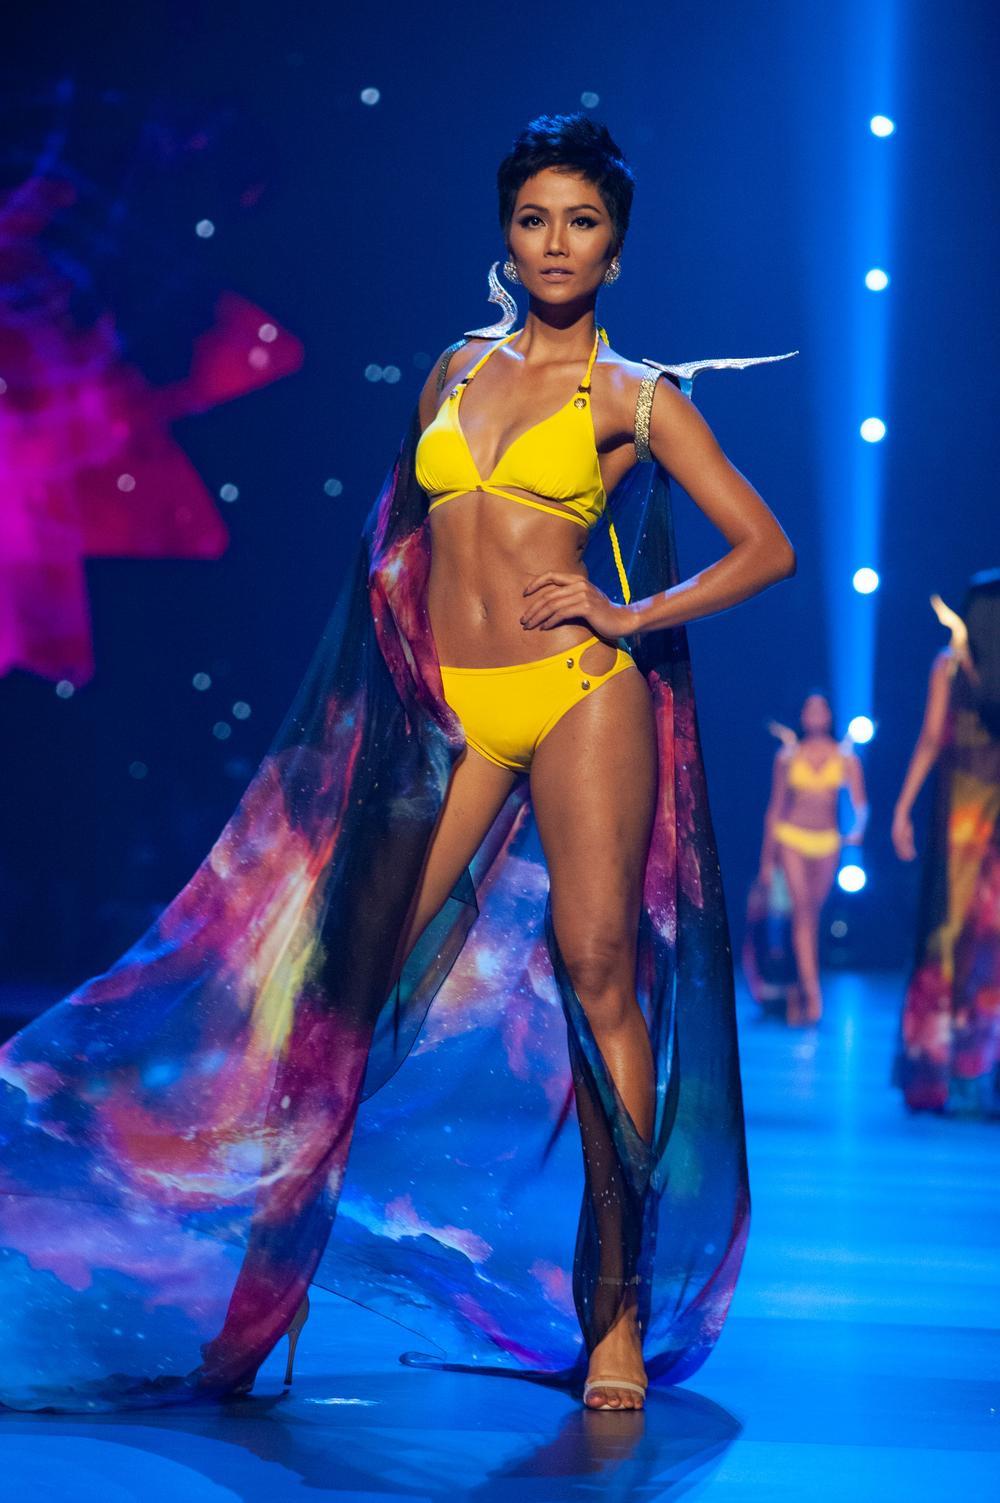 8 chủ đề hùng biện cực gắt cho Top 5 Miss Universe: Khánh Vân đã sẵn sàng lan tỏa trái tim yêu thương? Ảnh 12